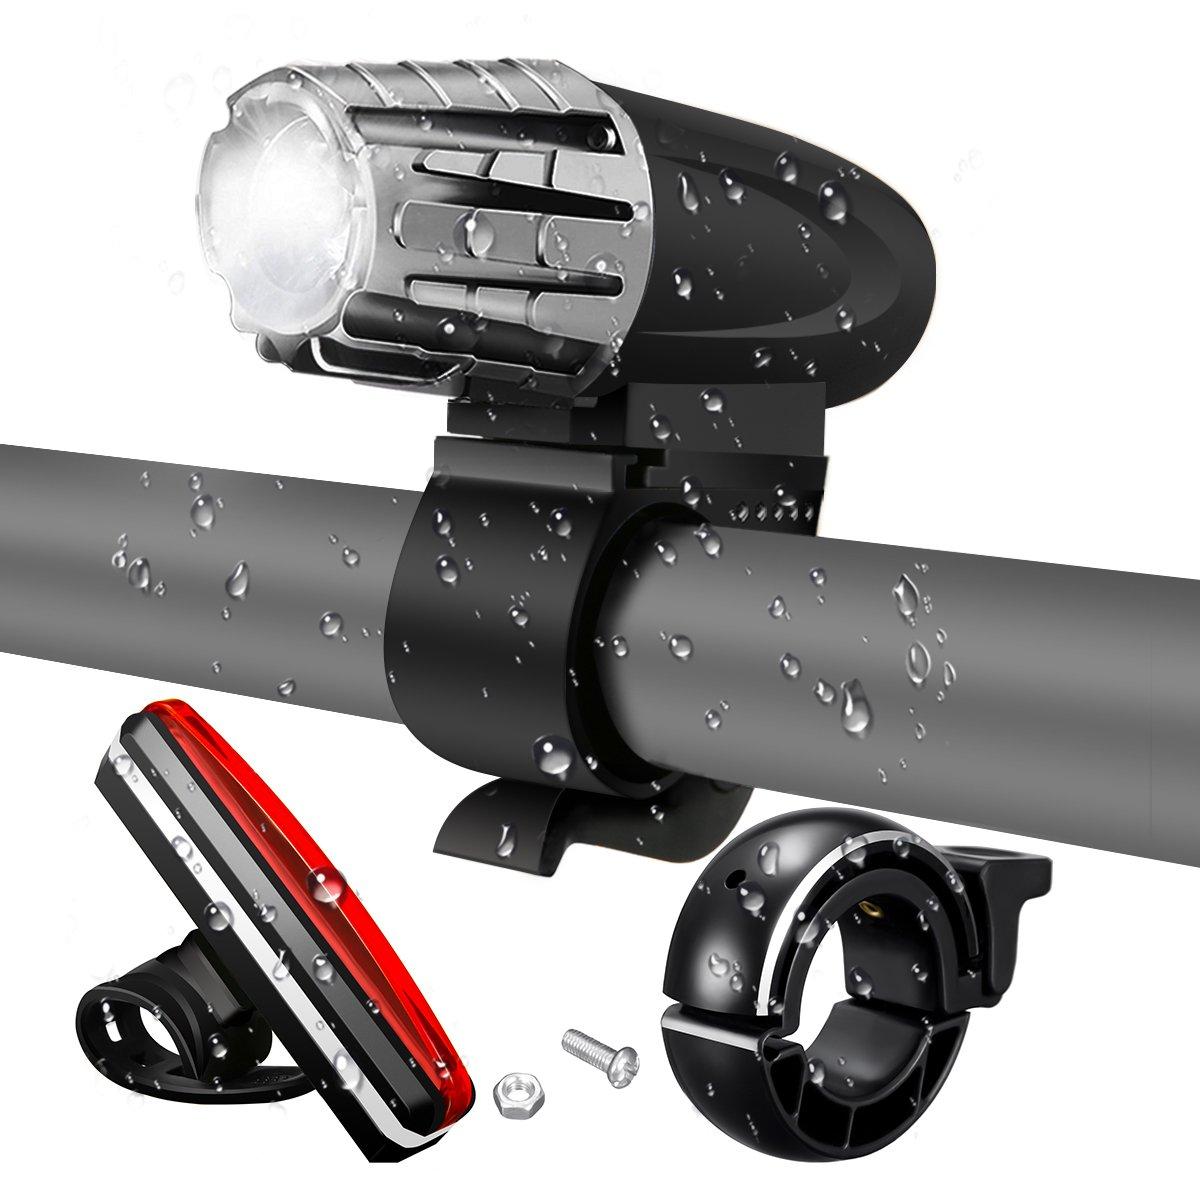 Luci per Bicicletta,SGODDE LED Set Luci della Bici USB Ricaricabile,4 Modalità di Illuminazione/Sensore di Movimento Intelligente/Super Luminoso 200 lumen/ Impermeabile[luce anteriore+luce posteriore